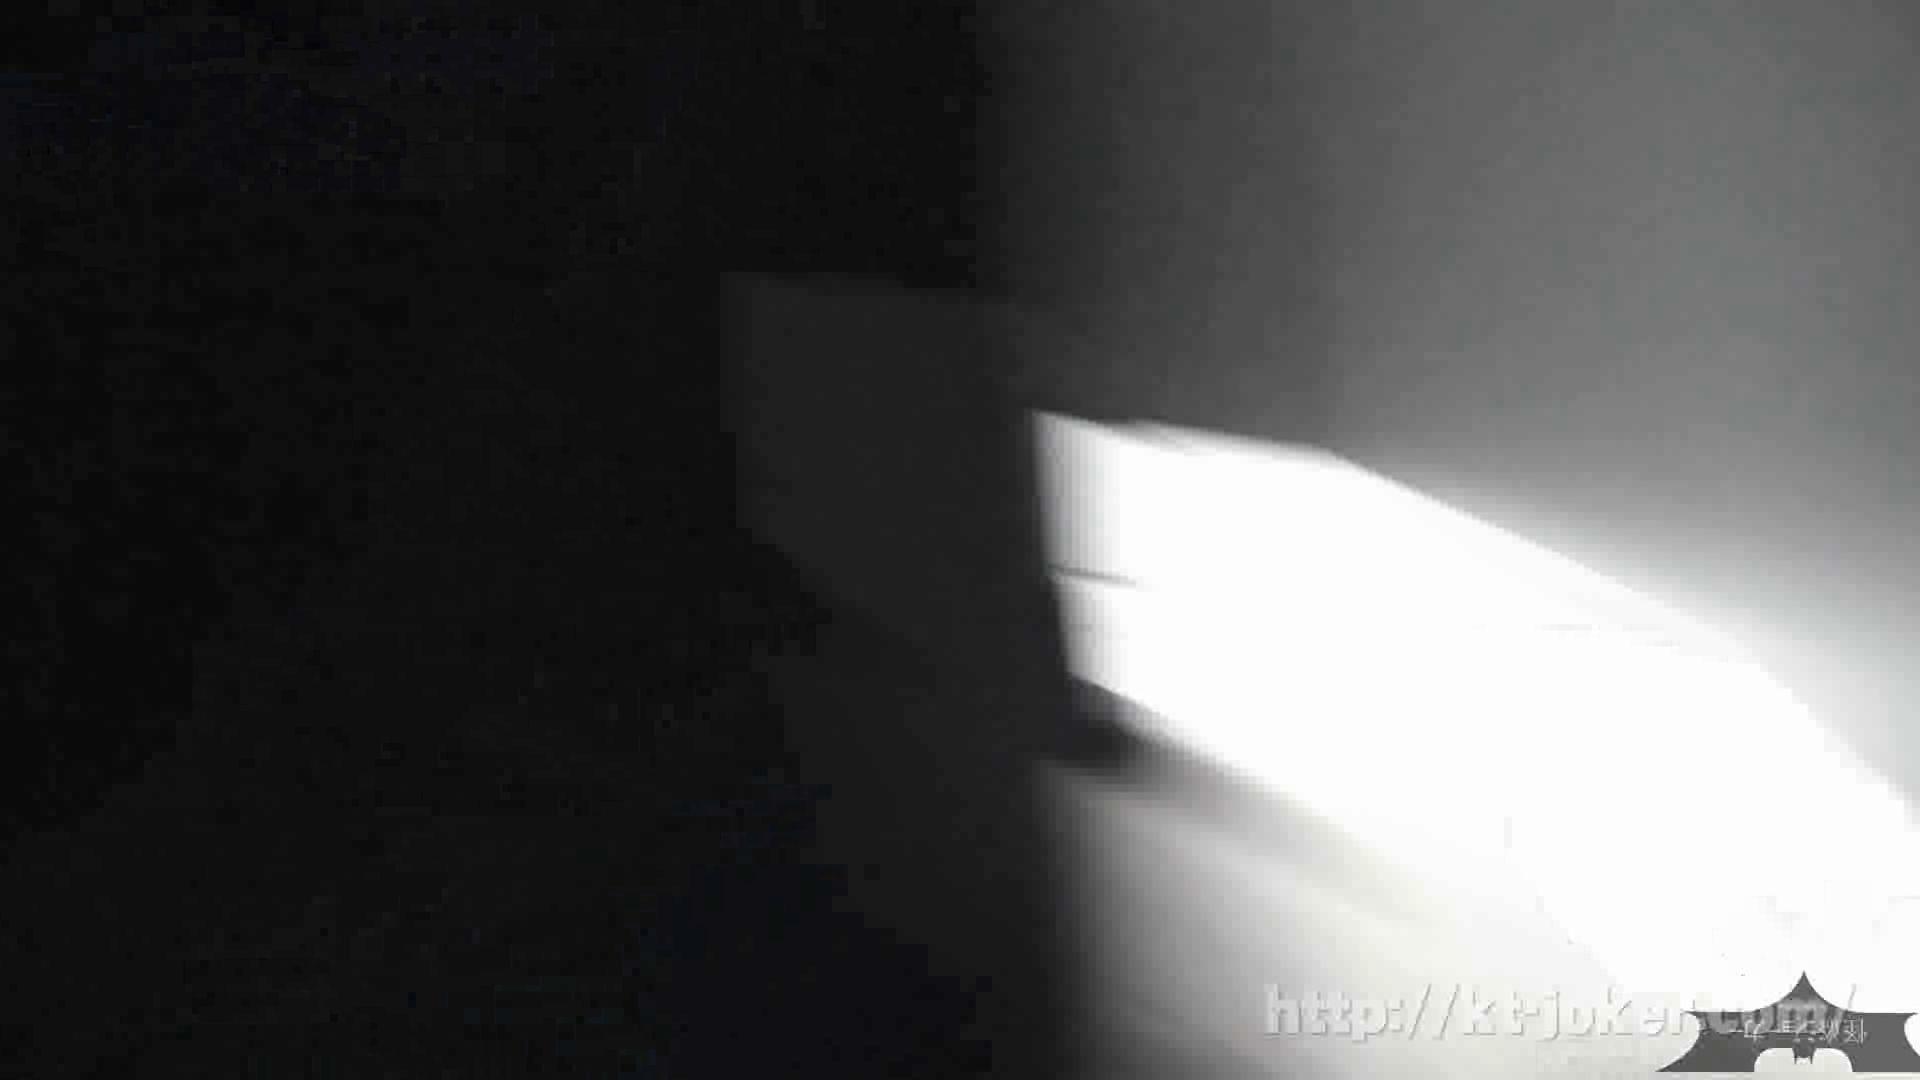 命がけ潜伏洗面所! vol.49 高値更新!EUで育った日本人 プライベート 盗撮動画紹介 98画像 95